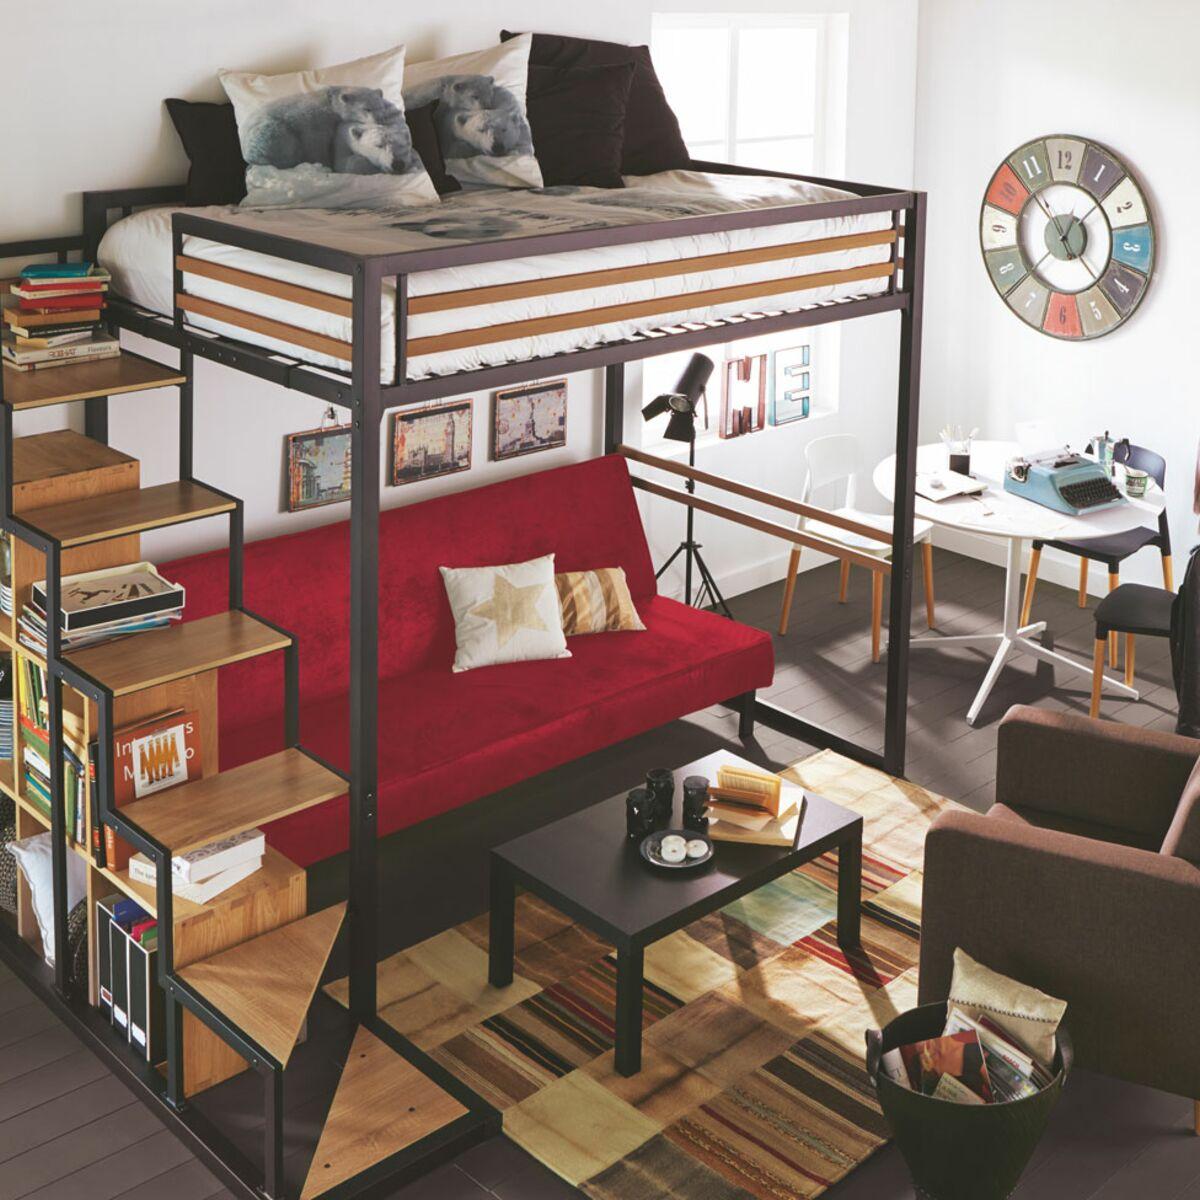 Meubler Son Studio Étudiant nos conseils pour aménager son logement étudiant : femme